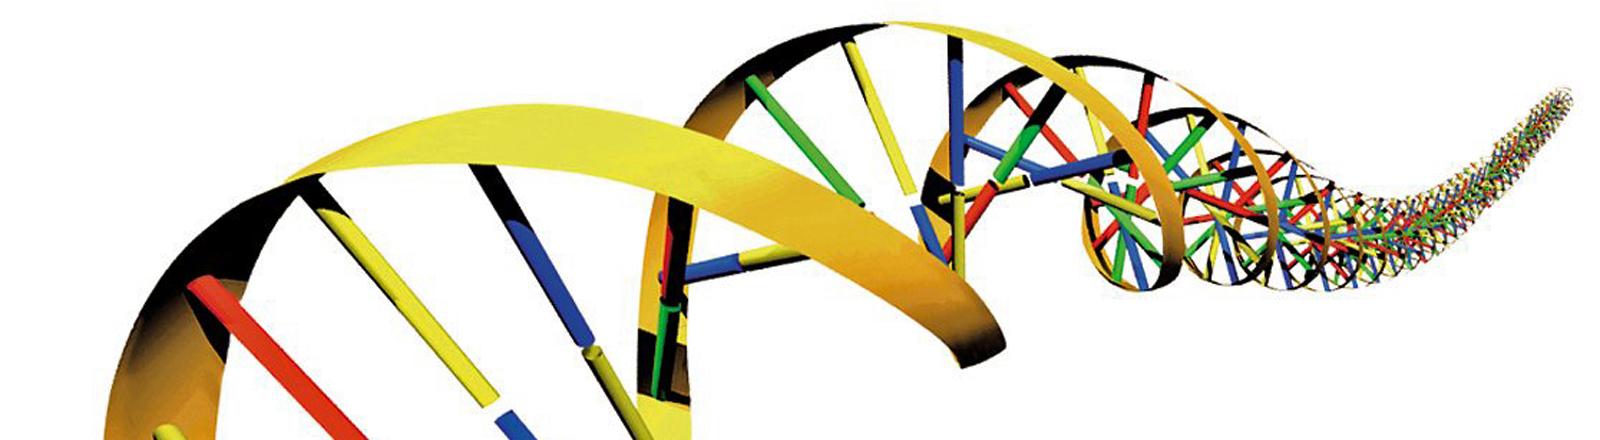 Die Doppel-Helix des menschlichen DNA-Codes: Die beiden spiralförmig gewundenen Einzelstränge werden durch chemische Bindungen, so genannten Basenpaarungen, zusammengehalten.